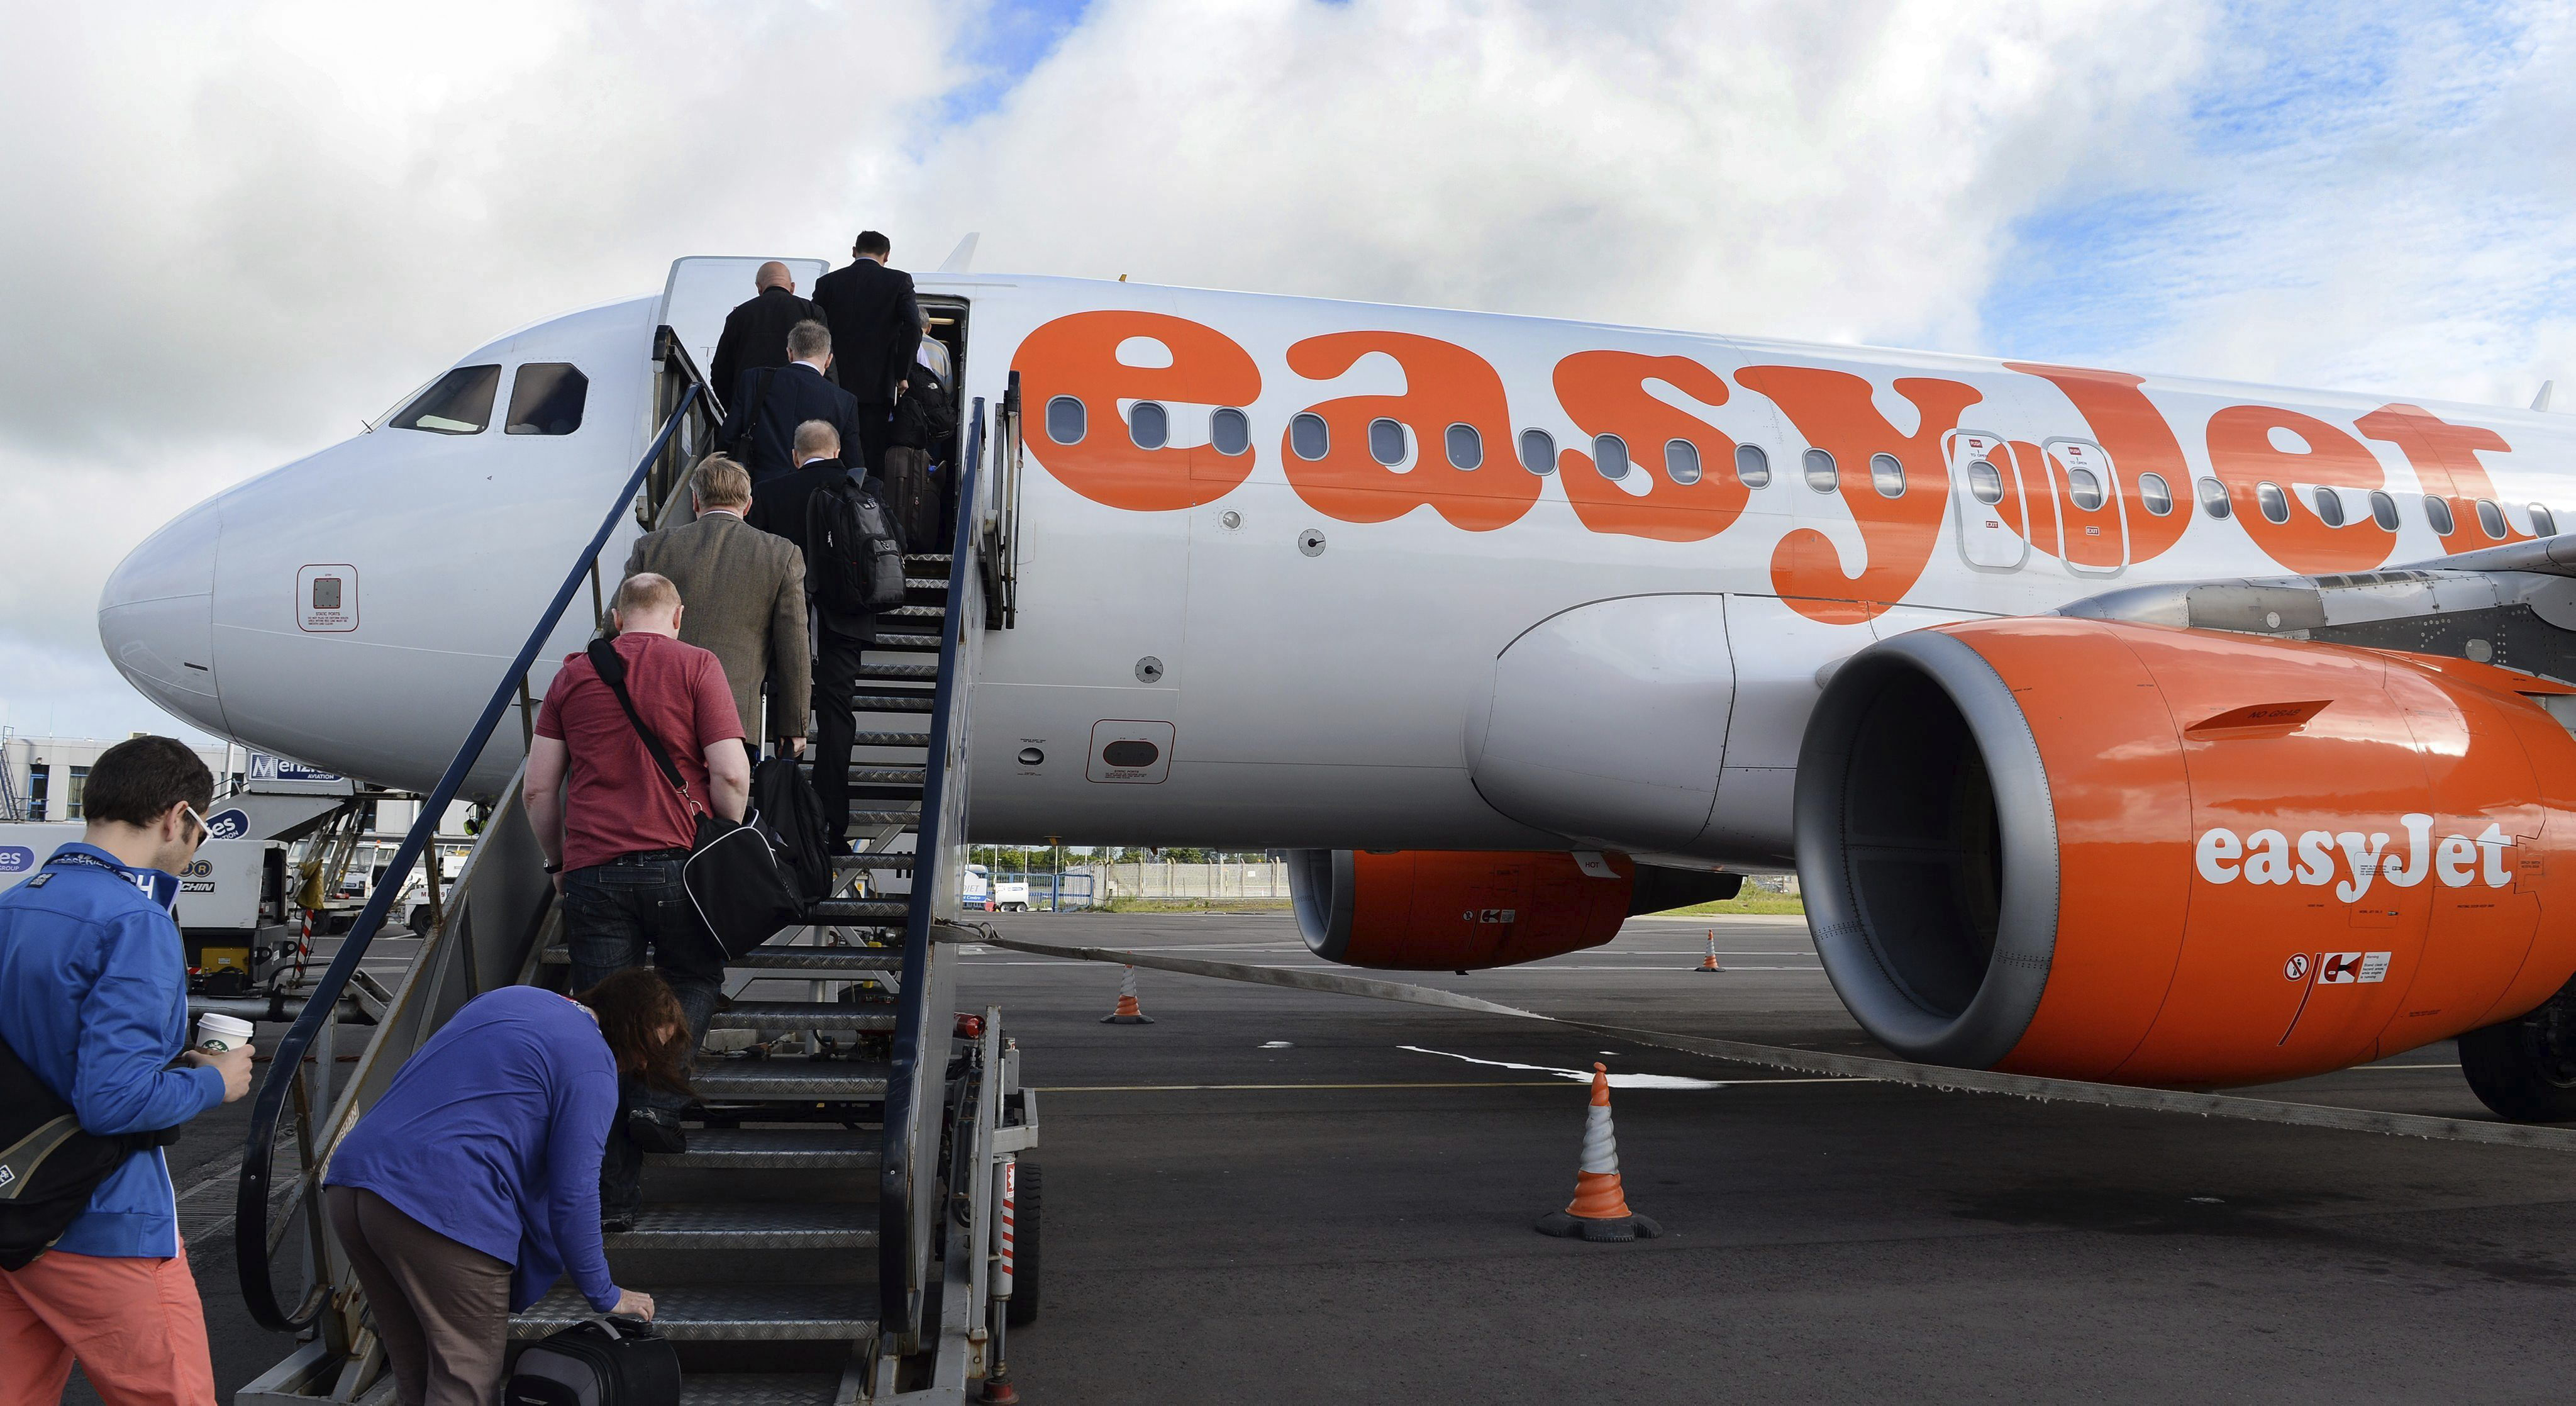 Los vuelos low cost traen a Canarias más de seis millones de viajeros en 2017